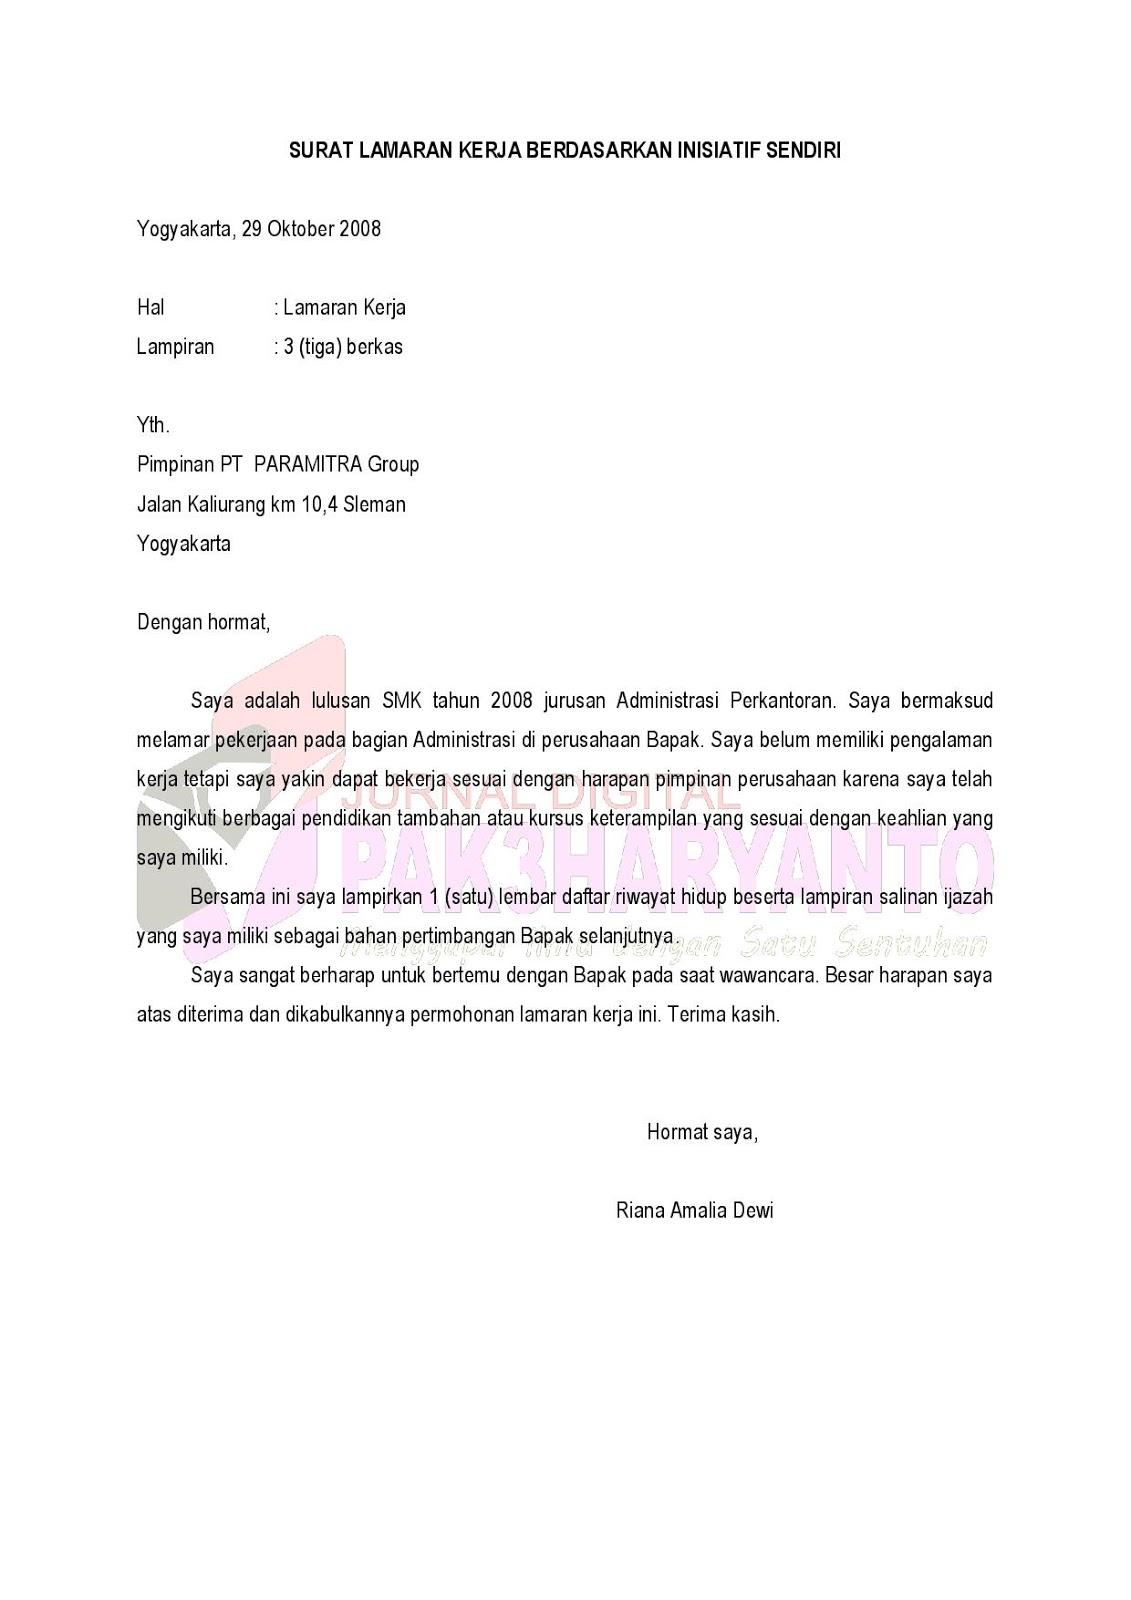 Contoh Surat Lamaran Kerja Inisiatif Sendiri Surat 29